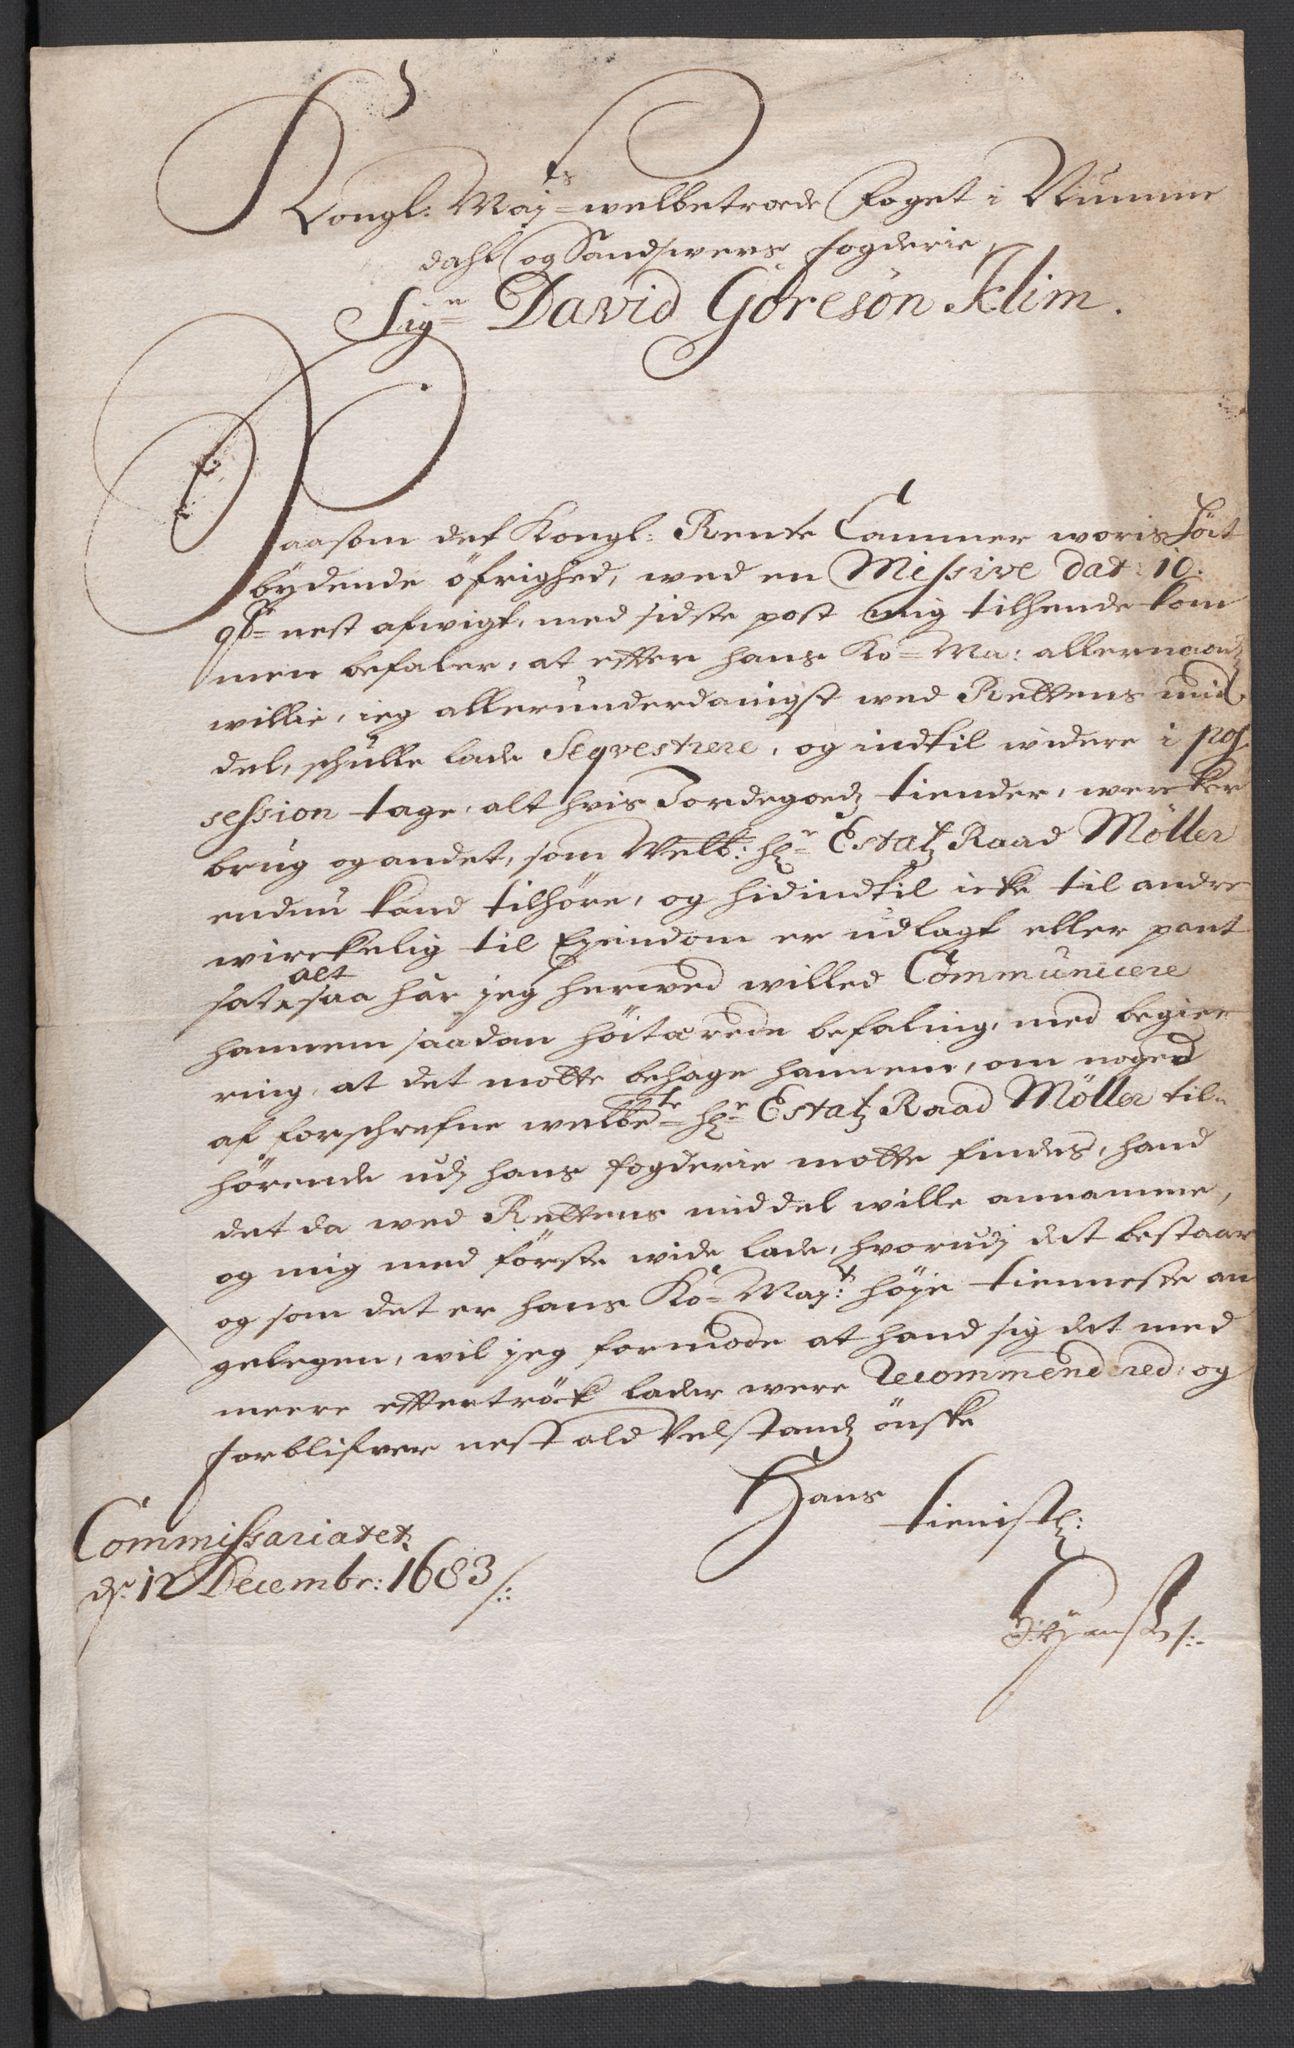 RA, Rentekammeret inntil 1814, Reviderte regnskaper, Fogderegnskap, R24/L1570: Fogderegnskap Numedal og Sandsvær, 1679-1686, s. 187